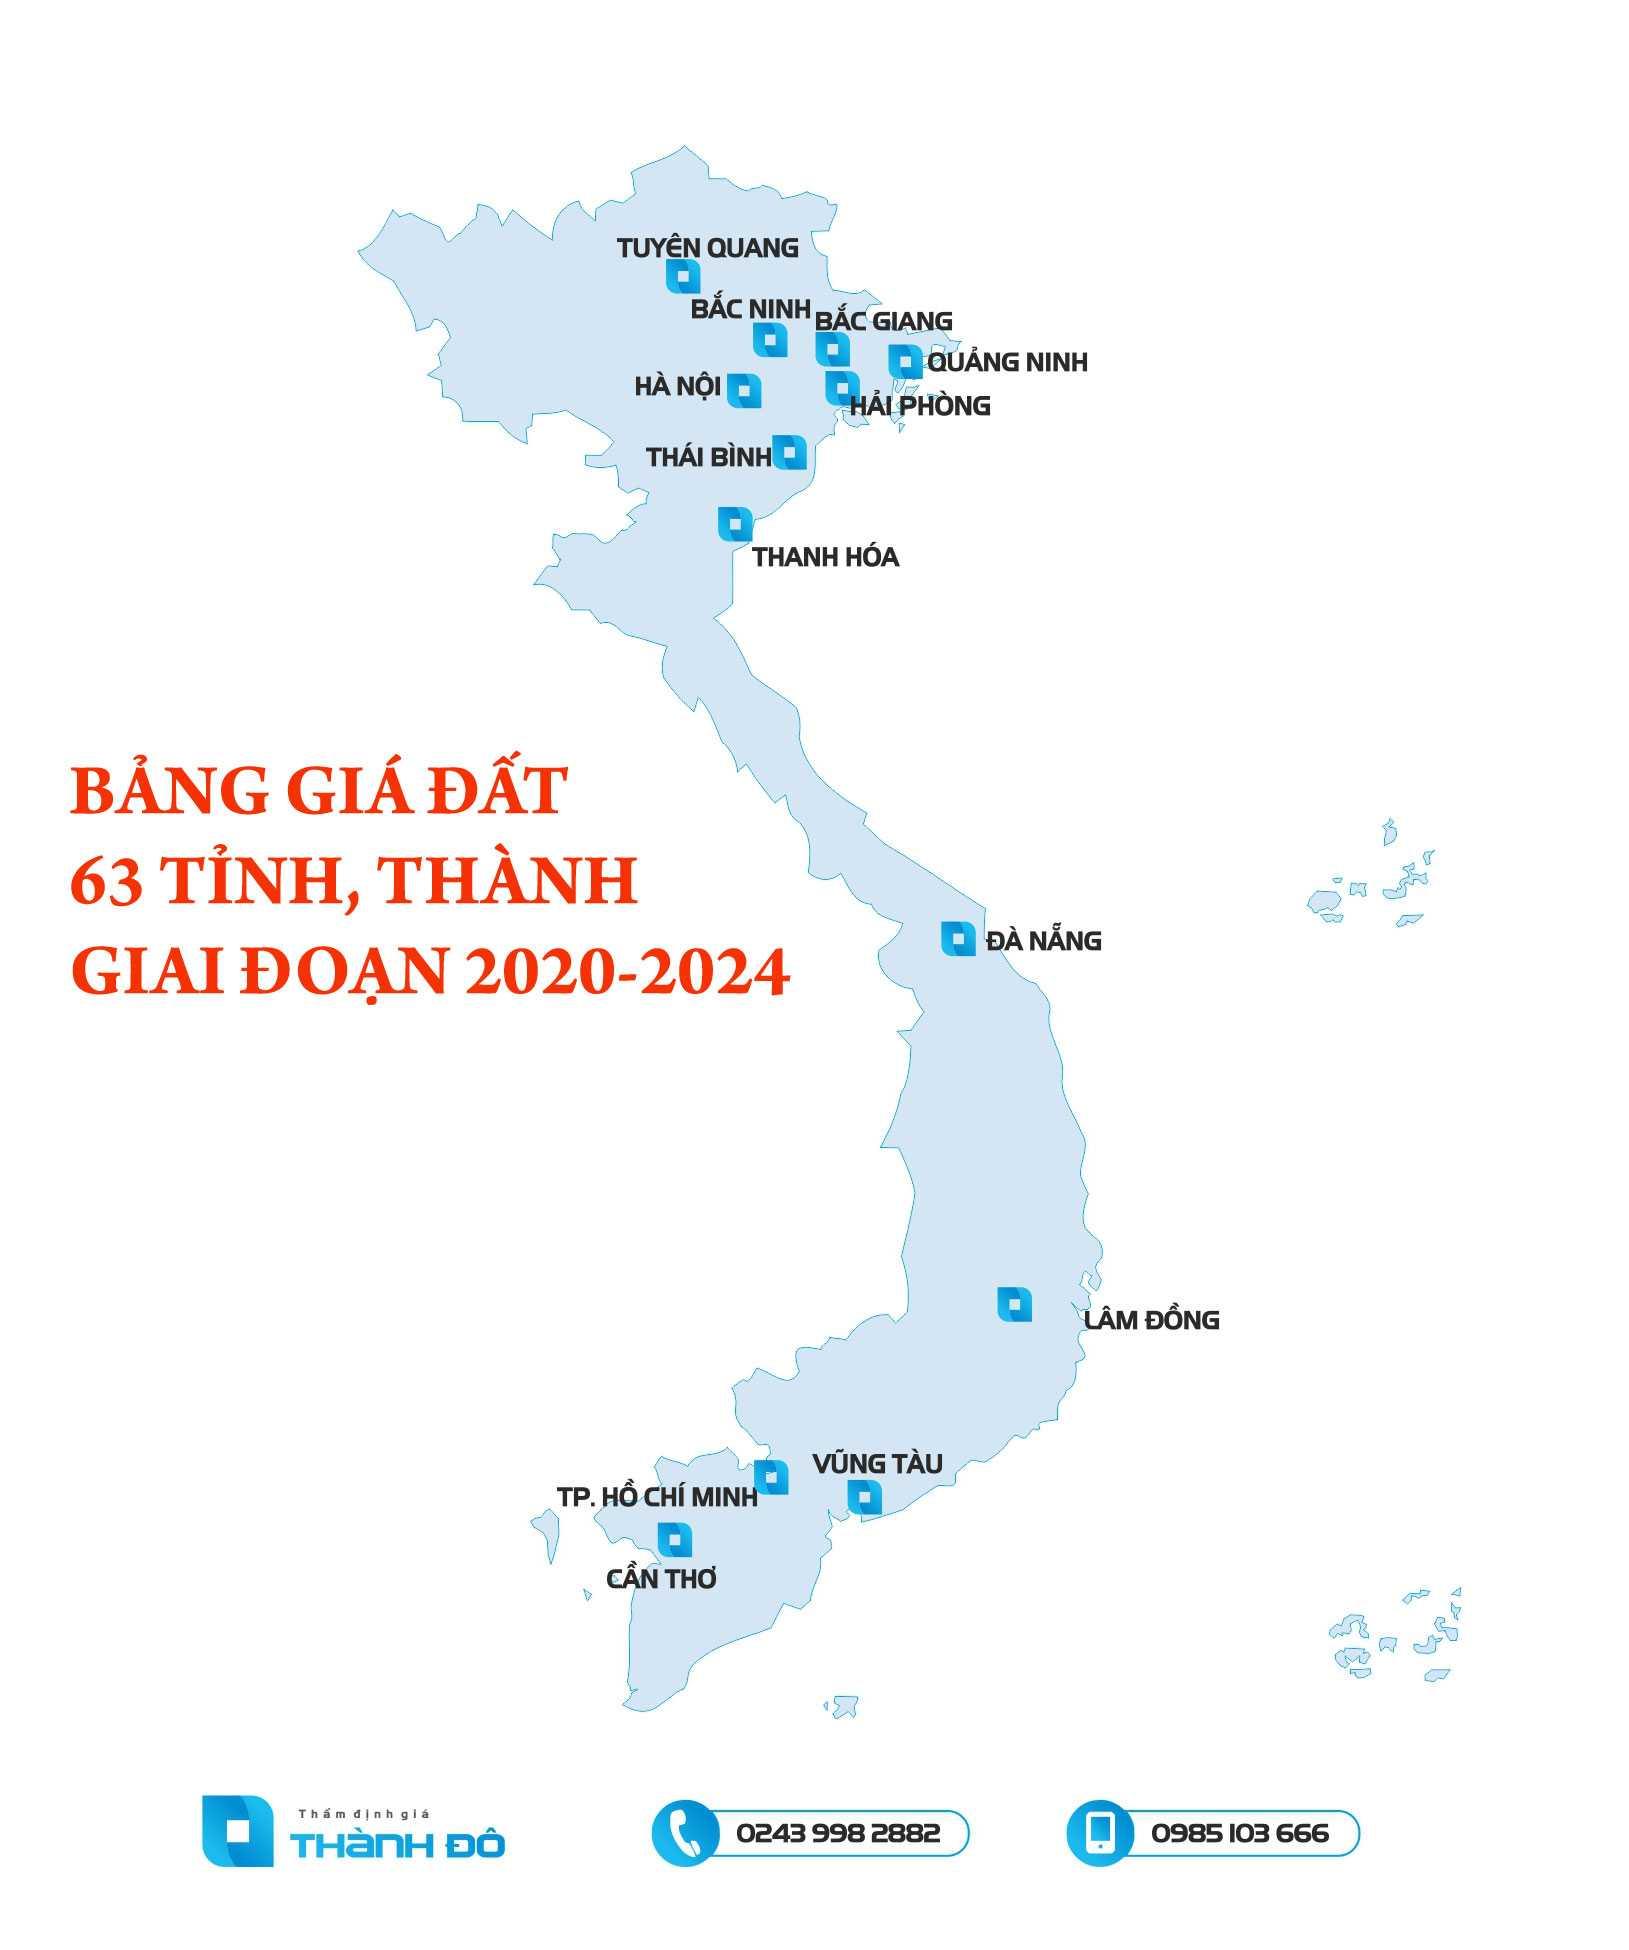 Bảng giá đất 63 tỉnh, thành giai đoạn 2020 đến 2024